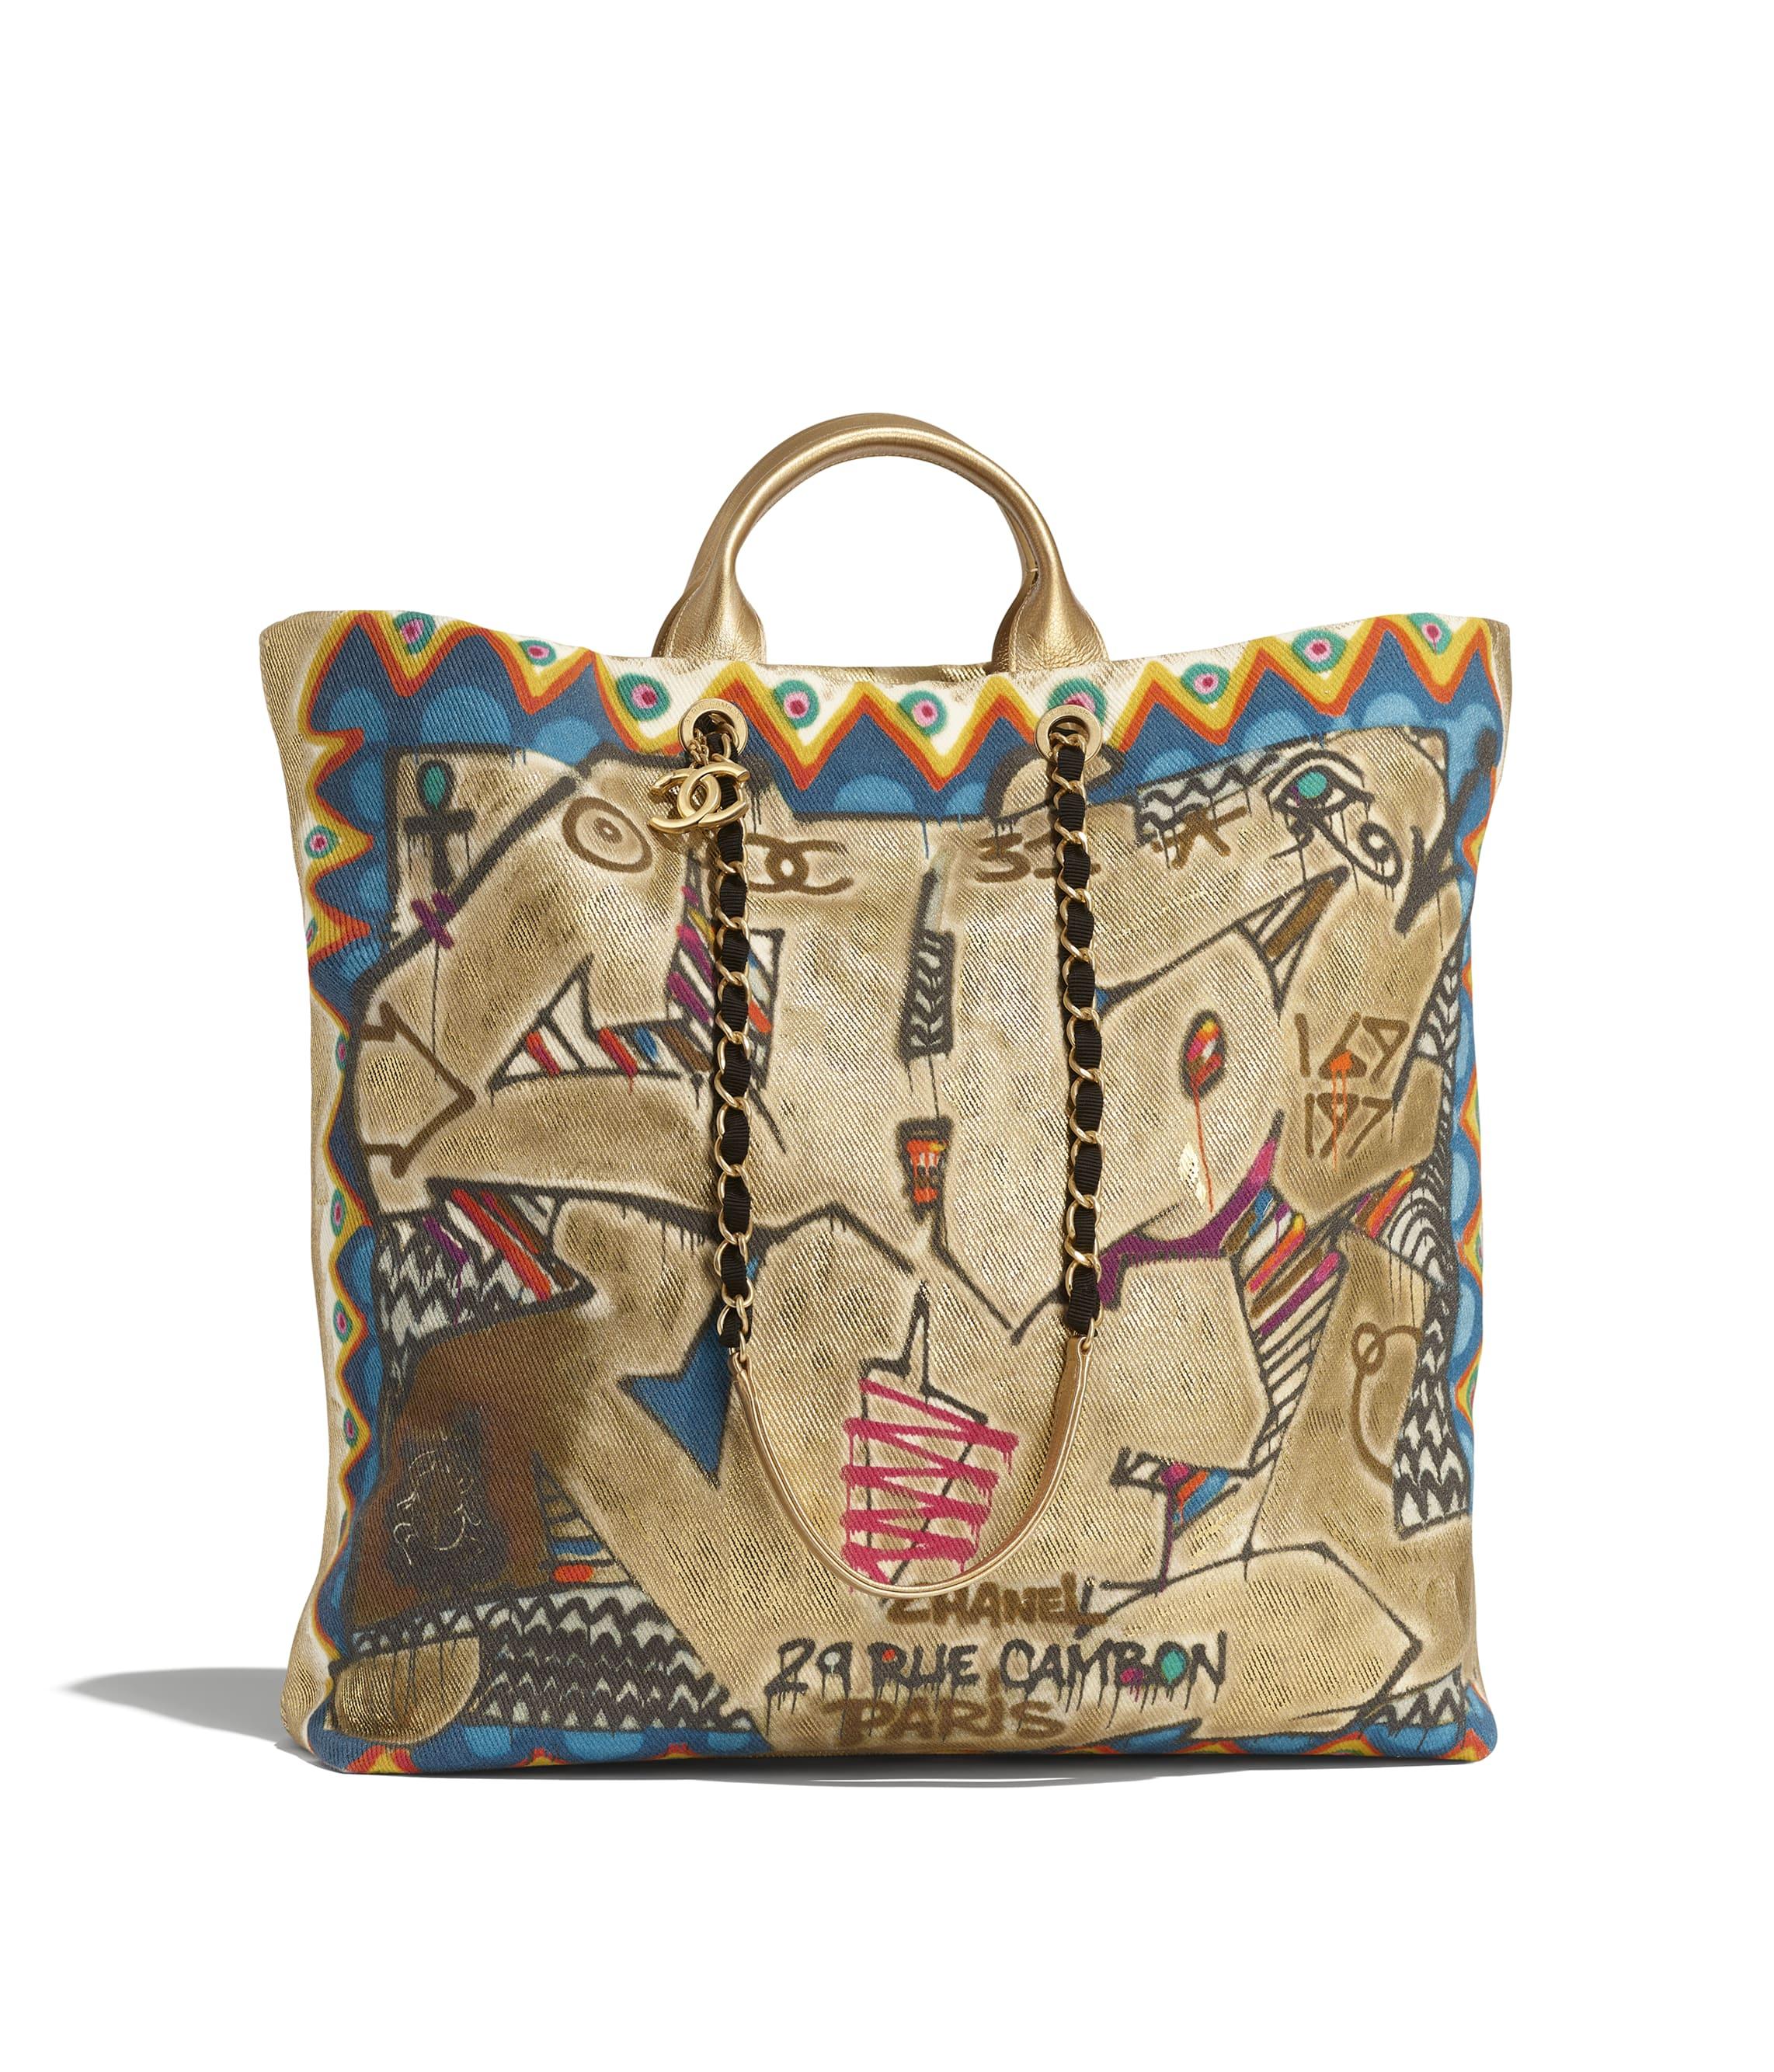 ac5805979 Tote Bags - Handbags - CHANEL